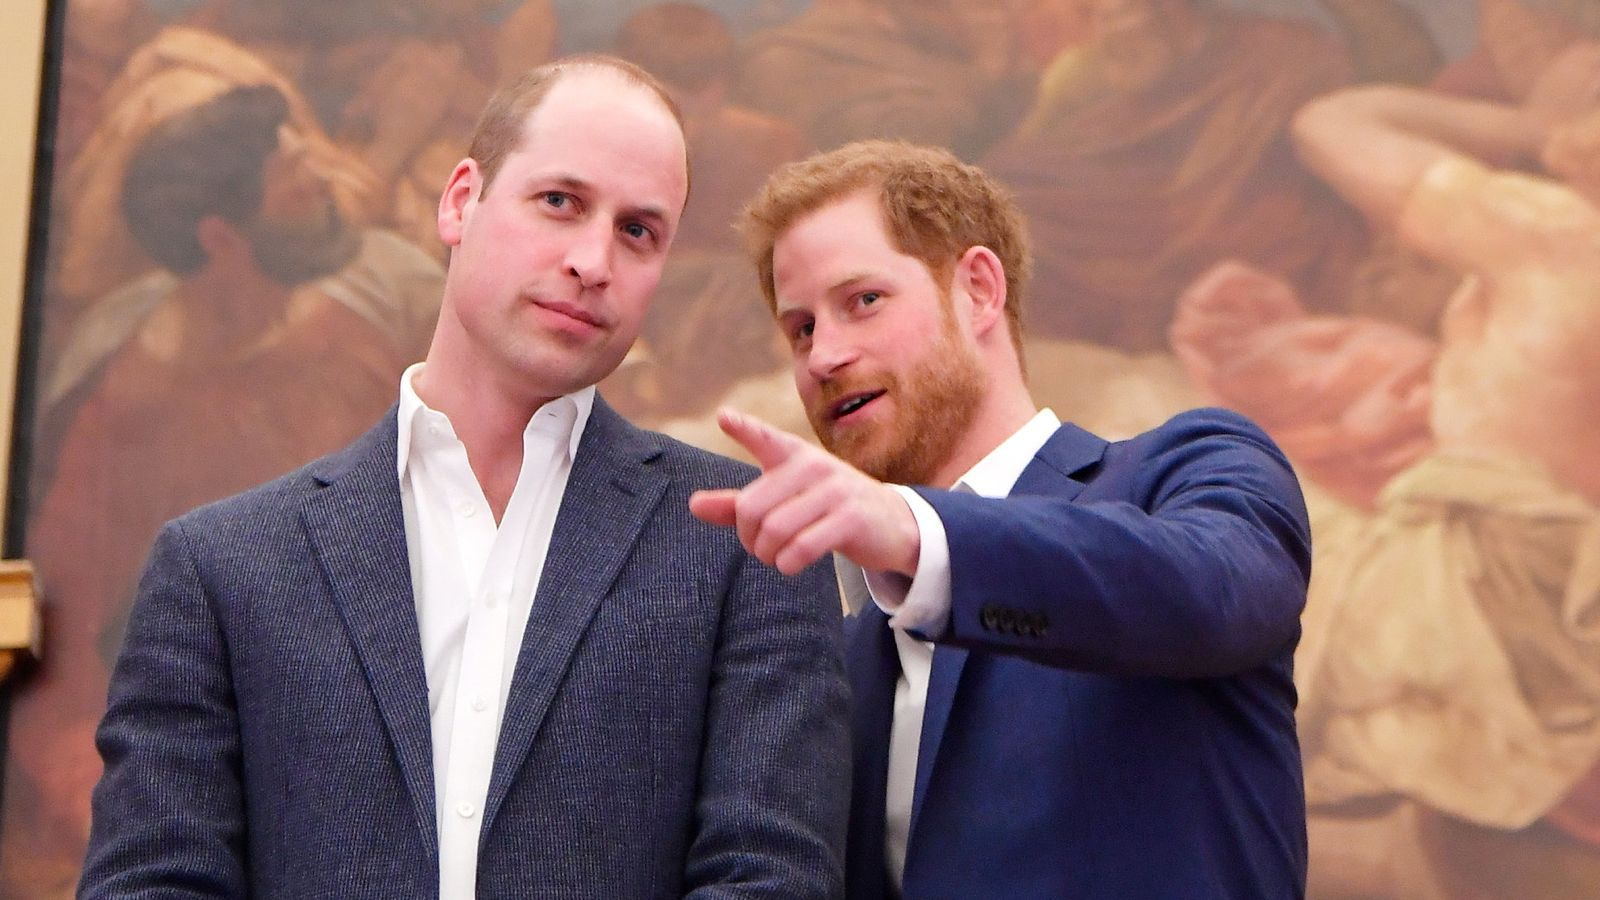 Отношения между принцами Уильямом и Гарри налаживаются